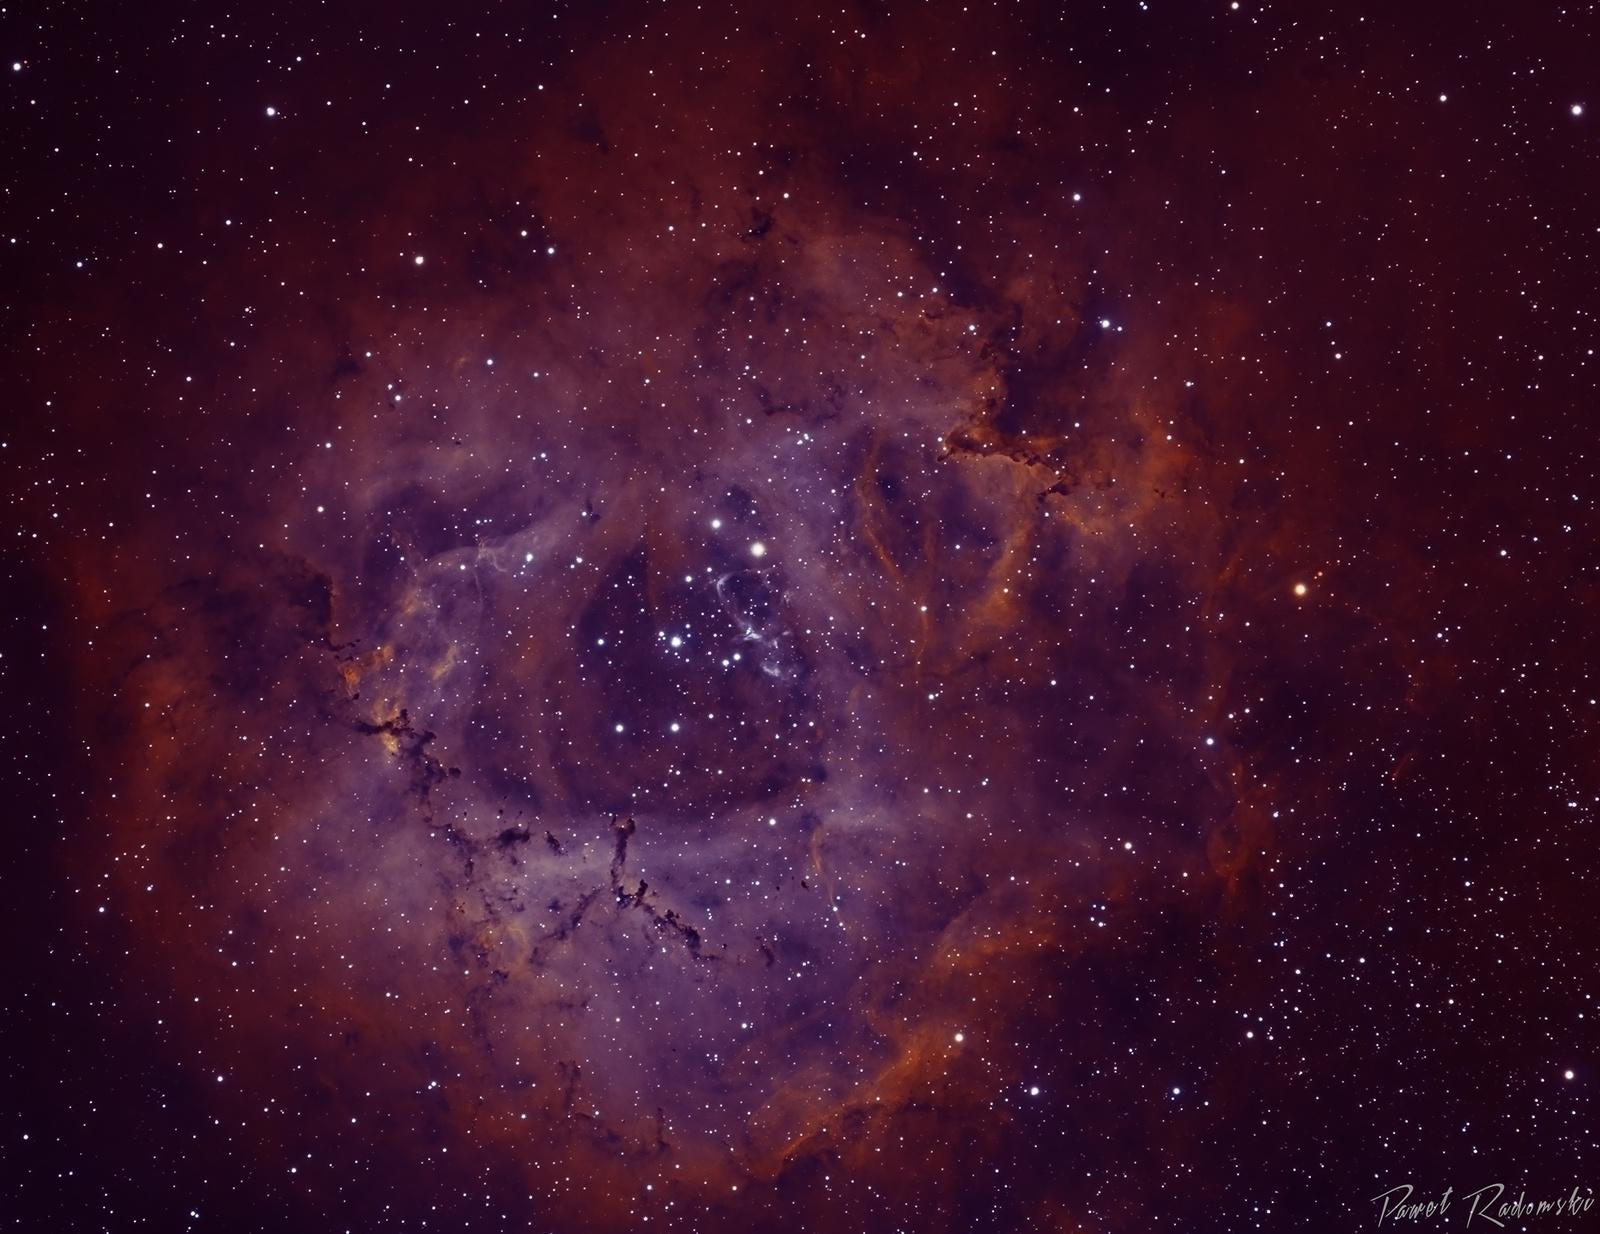 NGC2237_Bicolor_v3_1920_sign.jpg